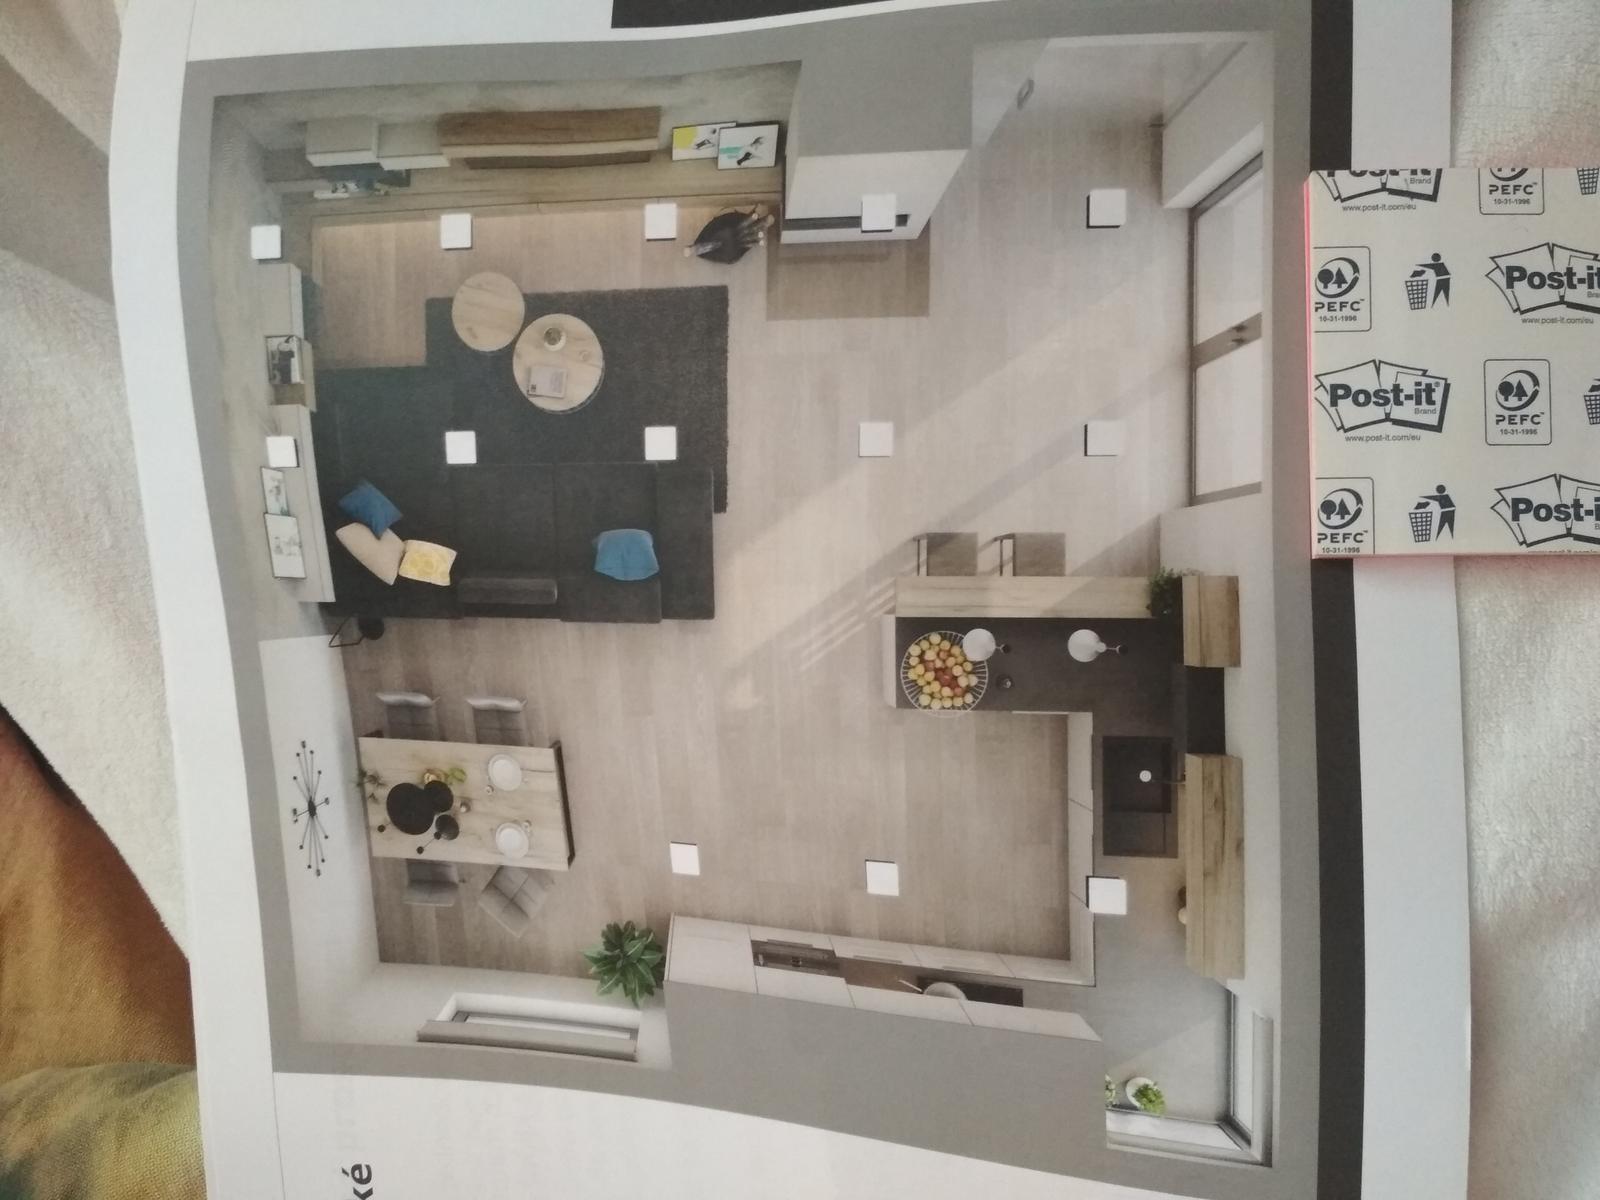 My máme obývák+kuchyň+jídelní kout... - Obrázek č. 1